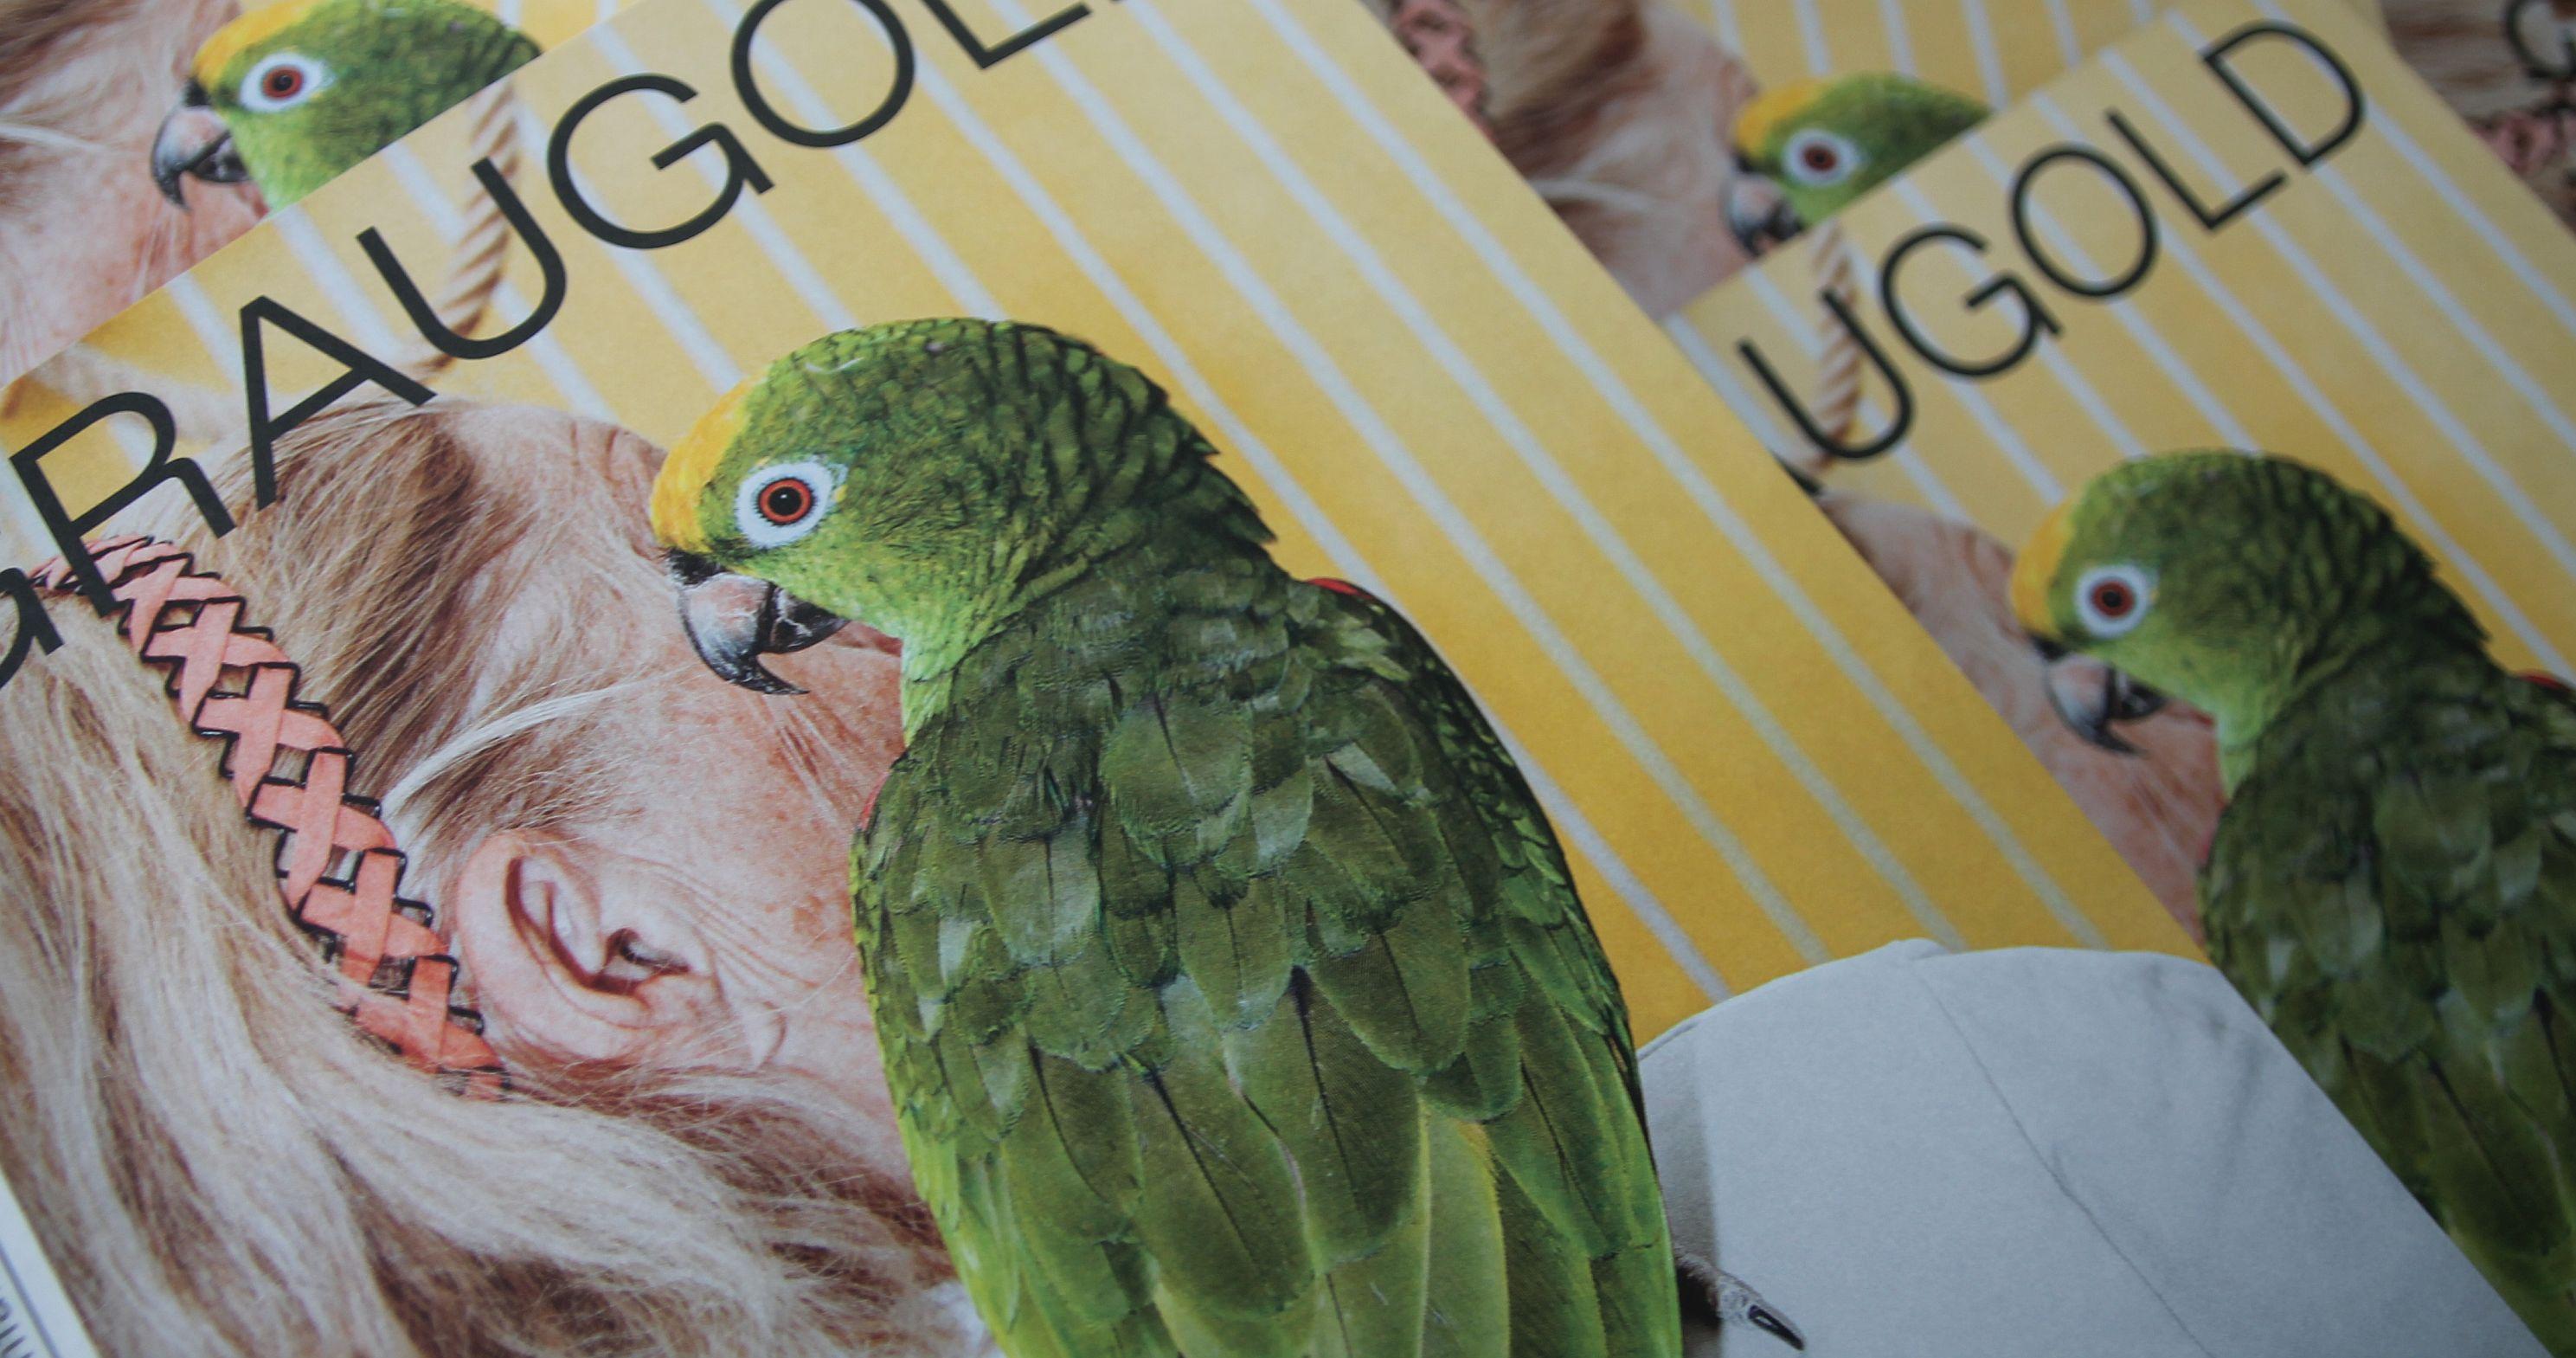 Druckfrisch und ausgeschlafen: Die erste Ausgabe von Graugold. Magazin für Alltagskultur ist erschienen